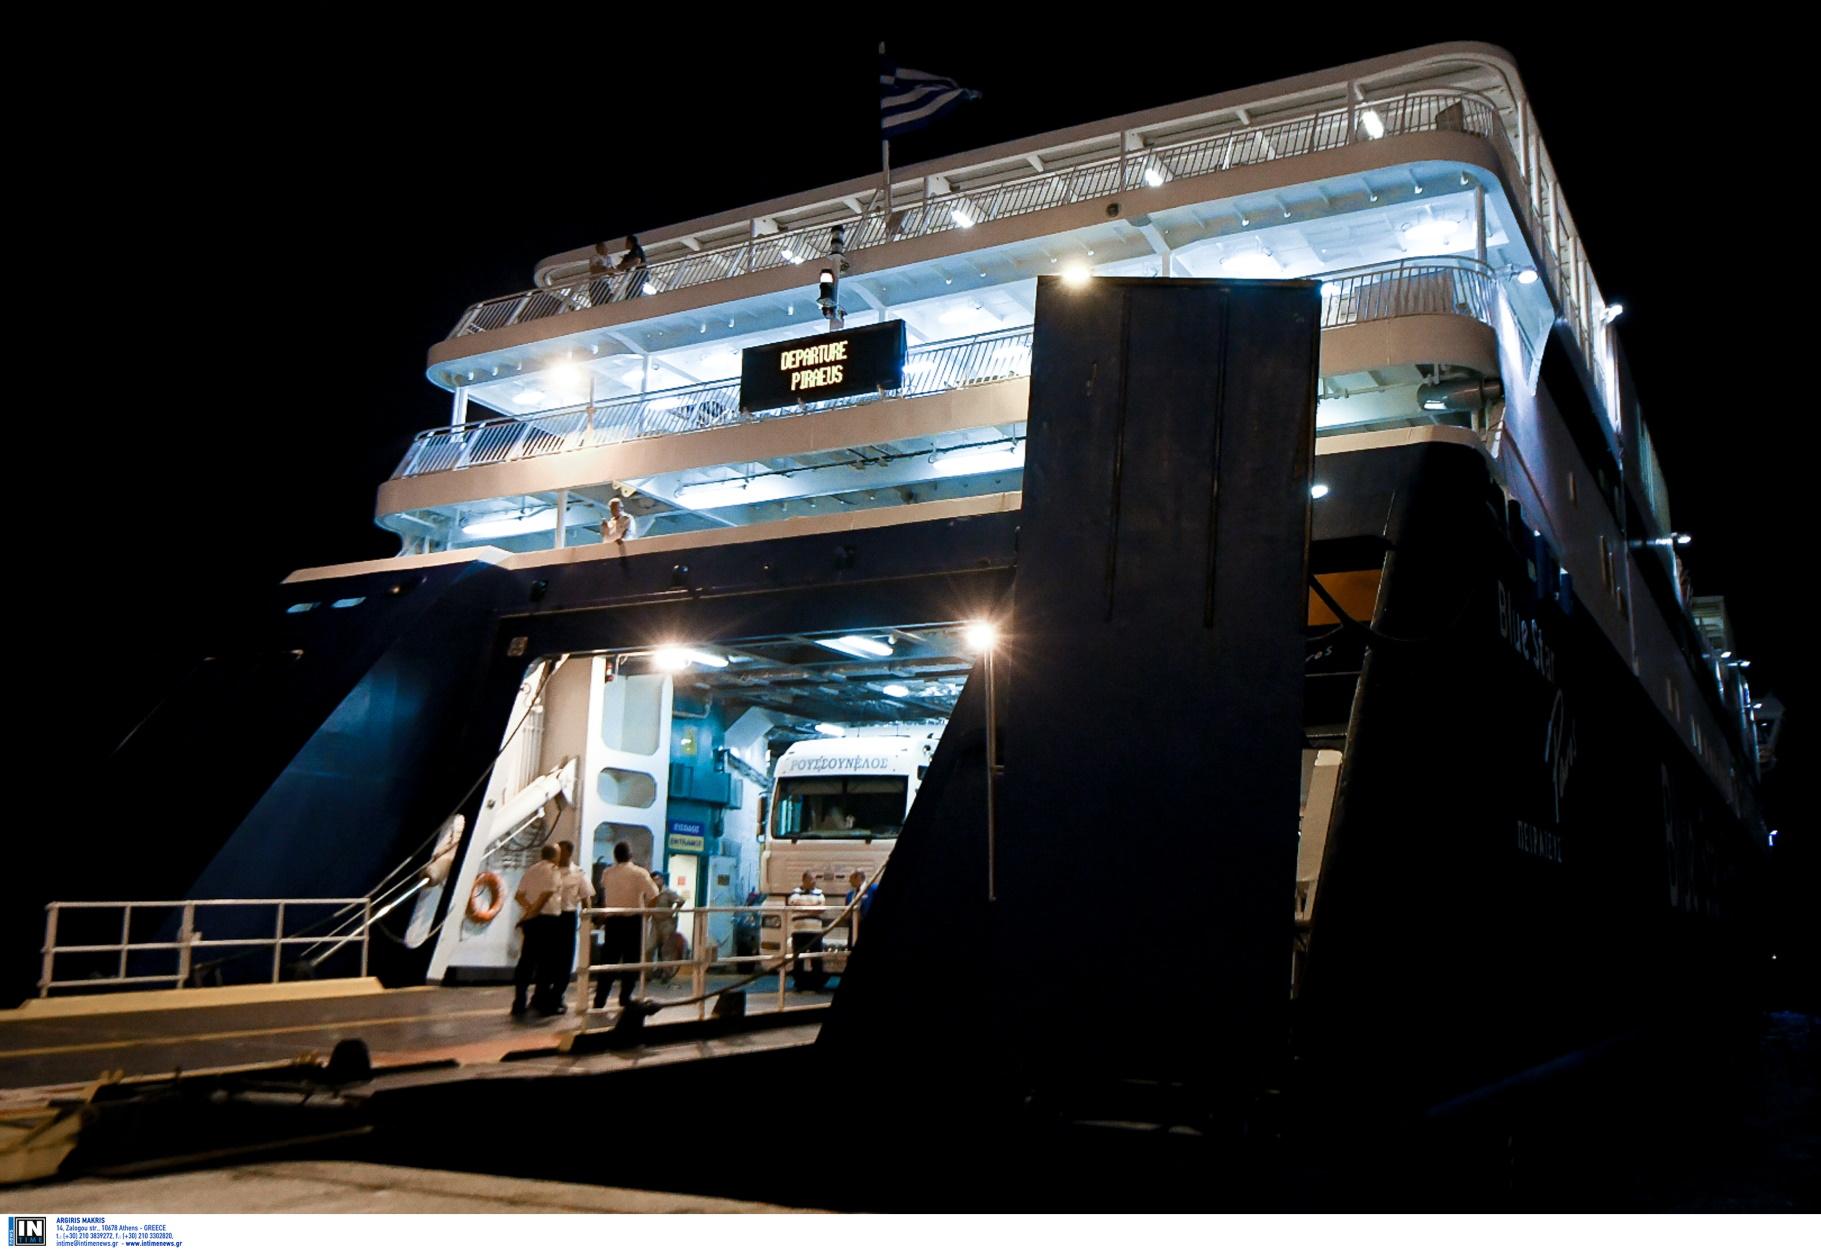 Αναζητούνται 16 επιβάτες που κατέβηκαν στη Λήμνο από το Blue Star Mykonos μετά την Ικαρία